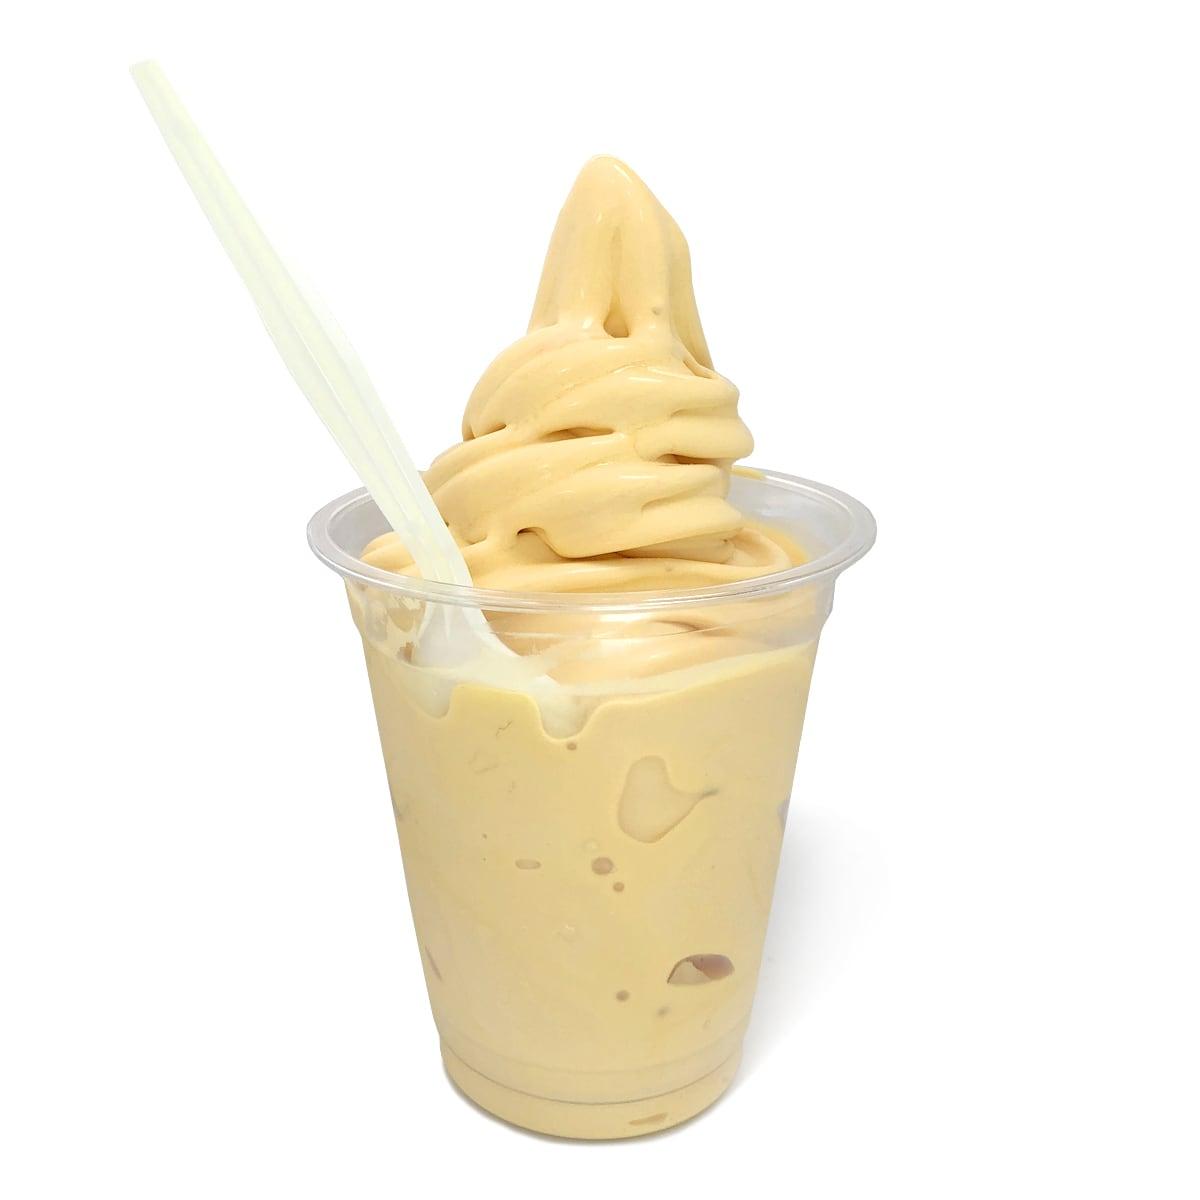 フードコート マンゴーソフトクリーム